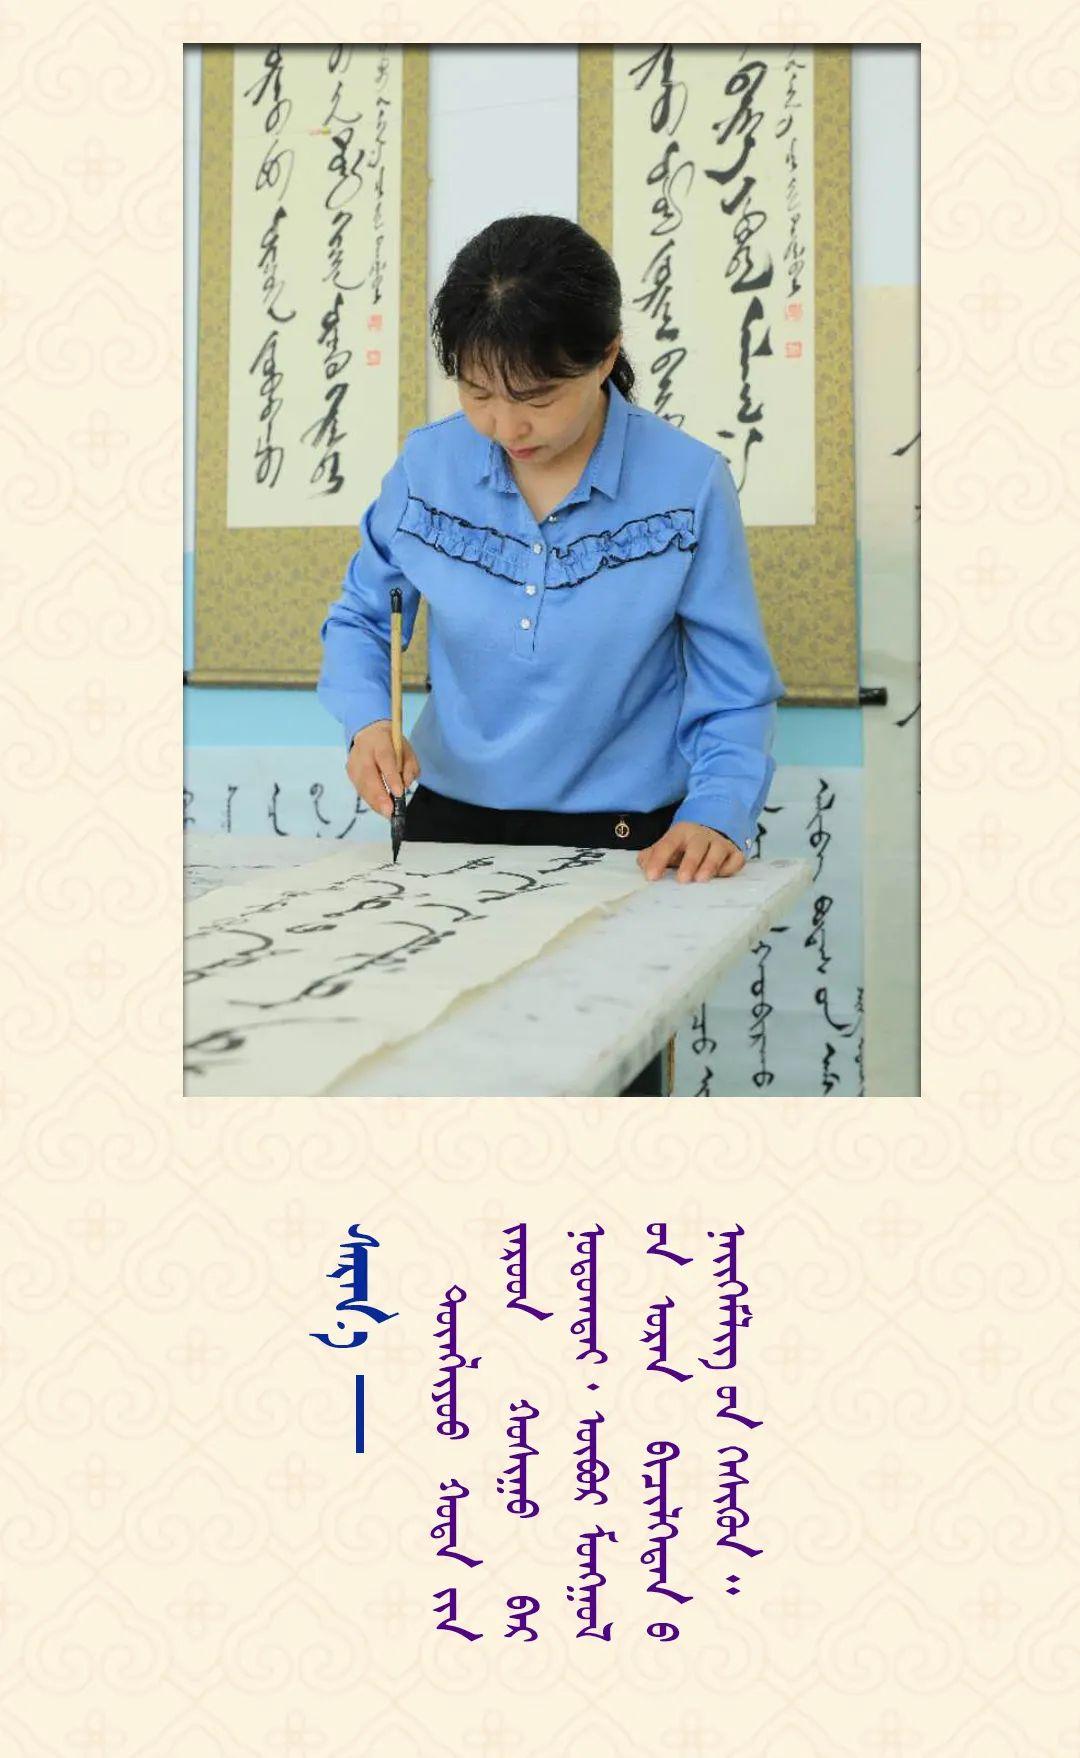 家乡美 | 萨日娜书法作品欣赏 第1张 家乡美 | 萨日娜书法作品欣赏 蒙古书法